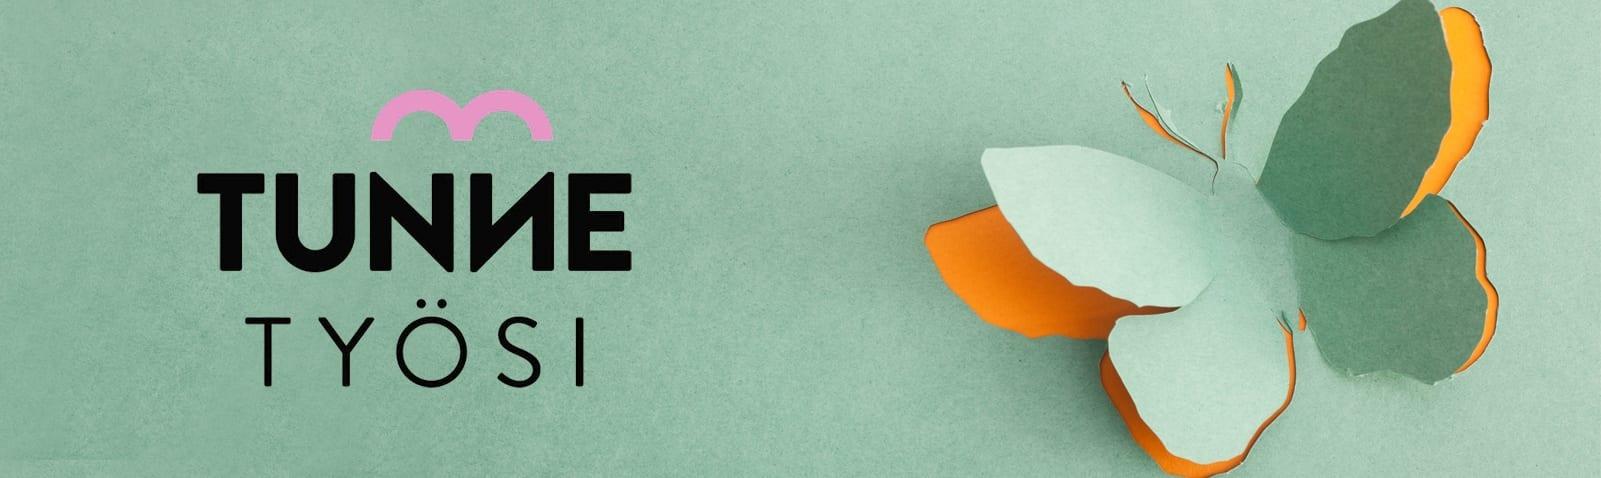 Tunne työsi seminaarin logossa teksti Tunne työsi. Vihreä tausta, josta leikattu perhosen muoto niin, että leikkauksen alta heijastaa läpi oranssi paperi.